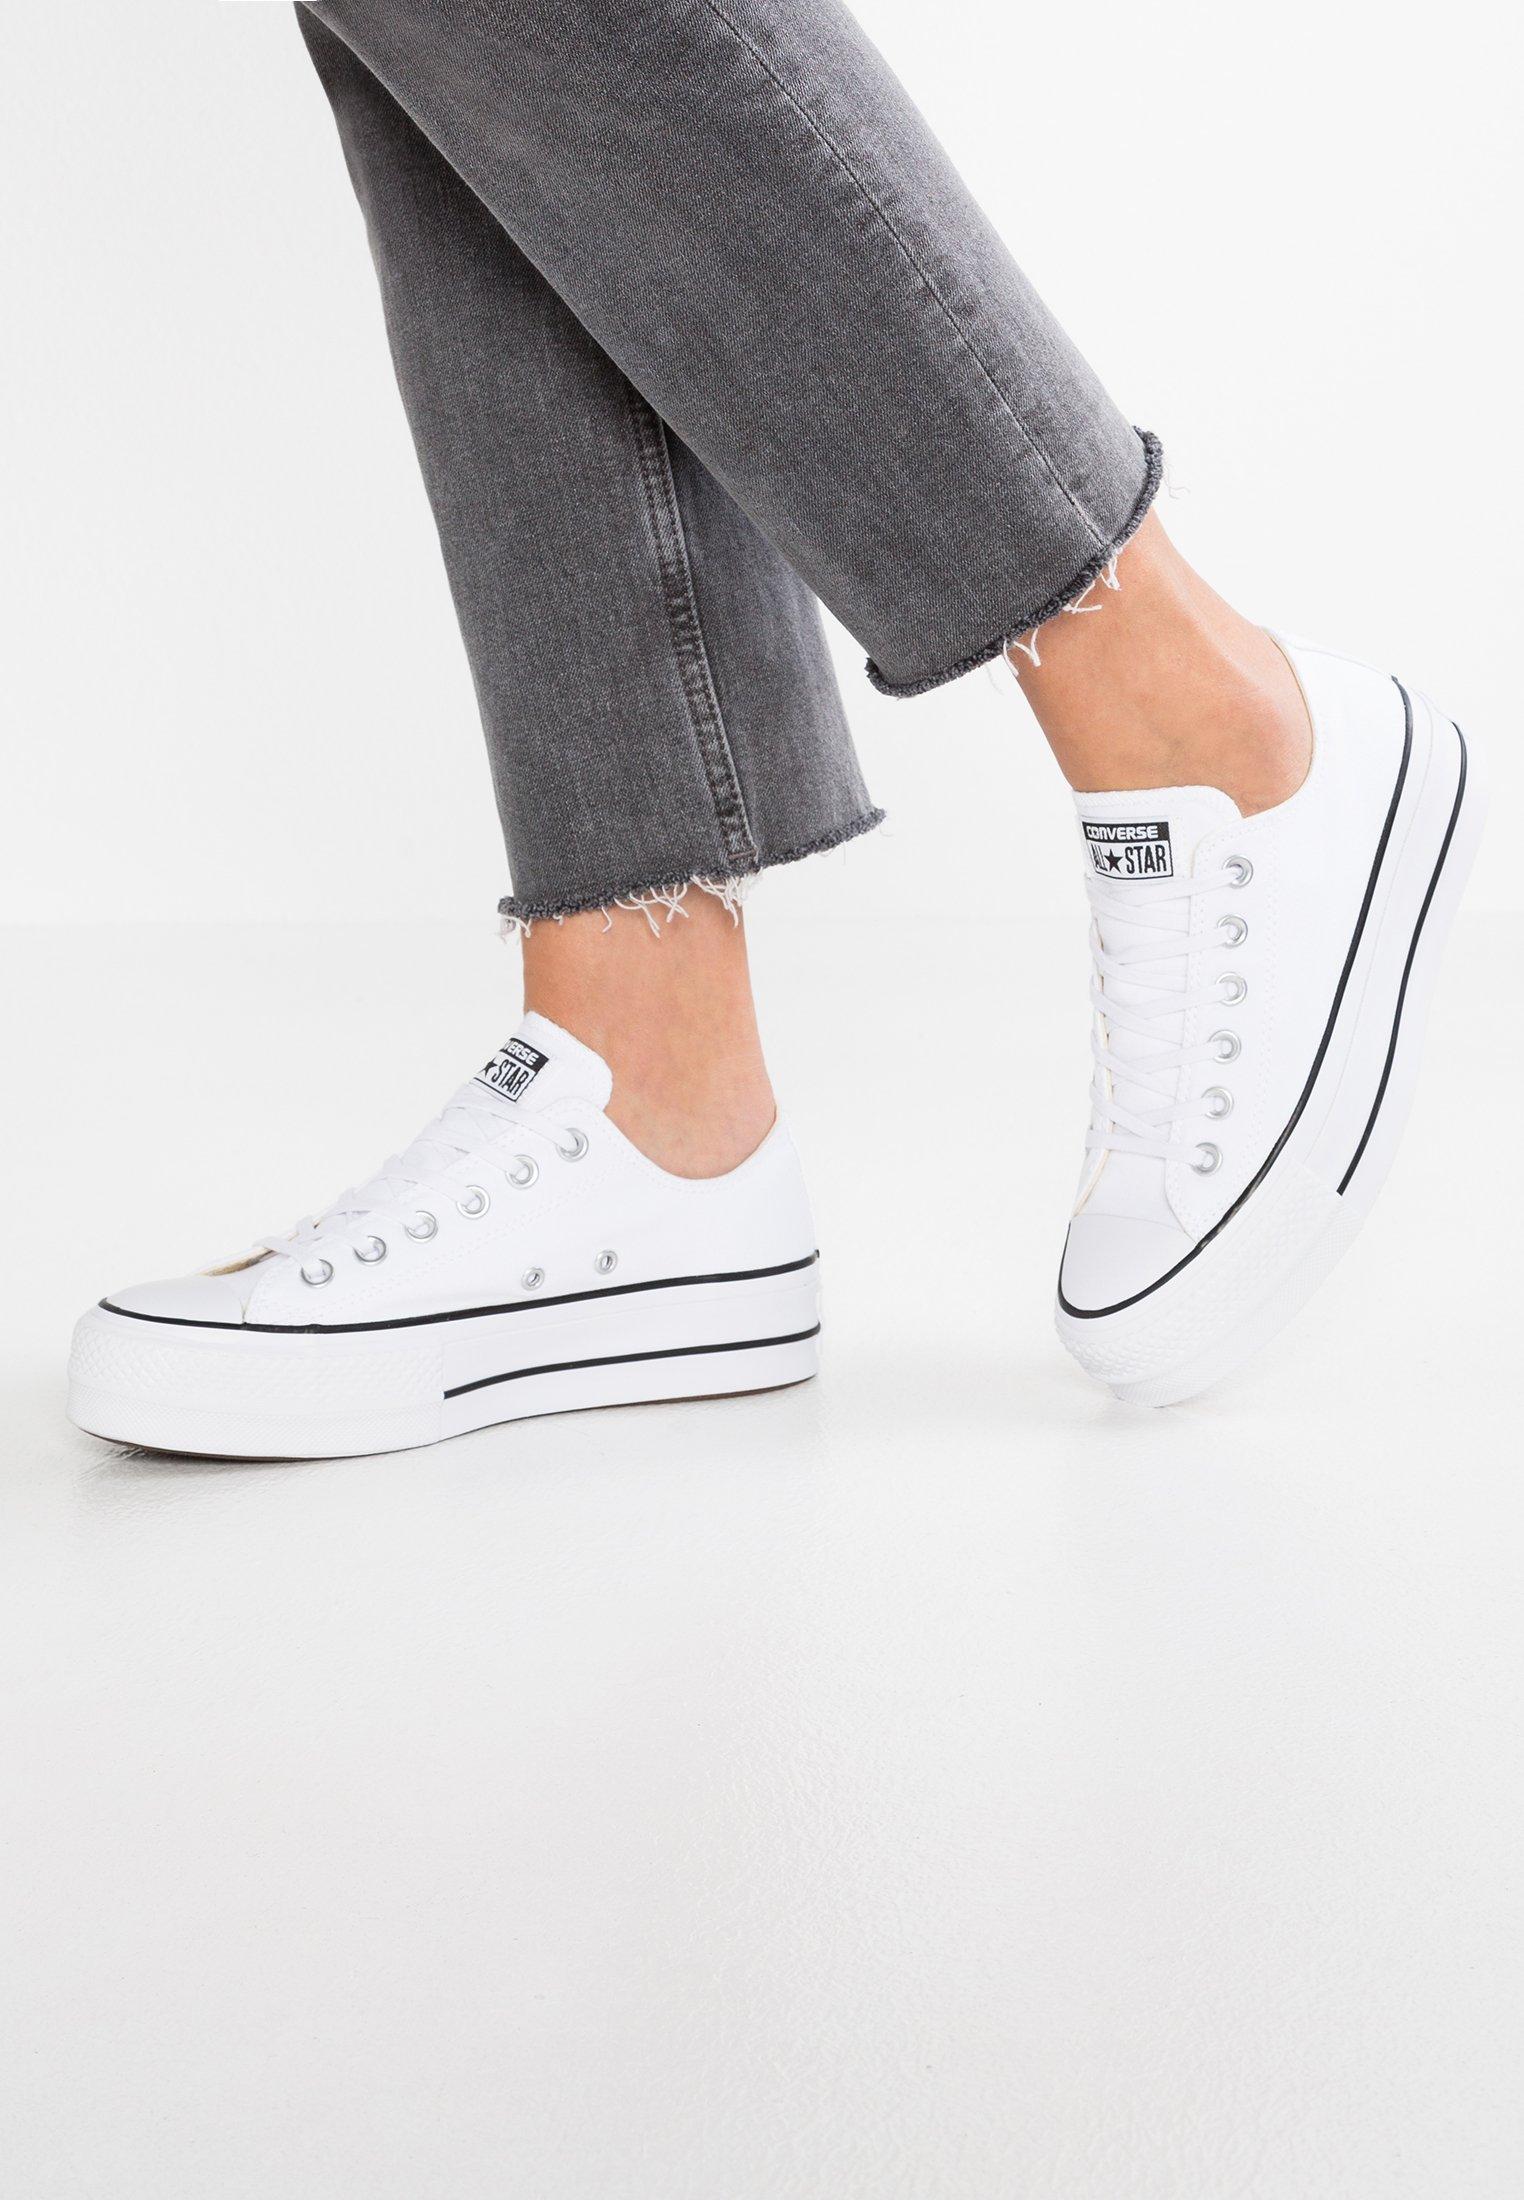 Zapatillas de mujer   Comprar colección online en Zalando